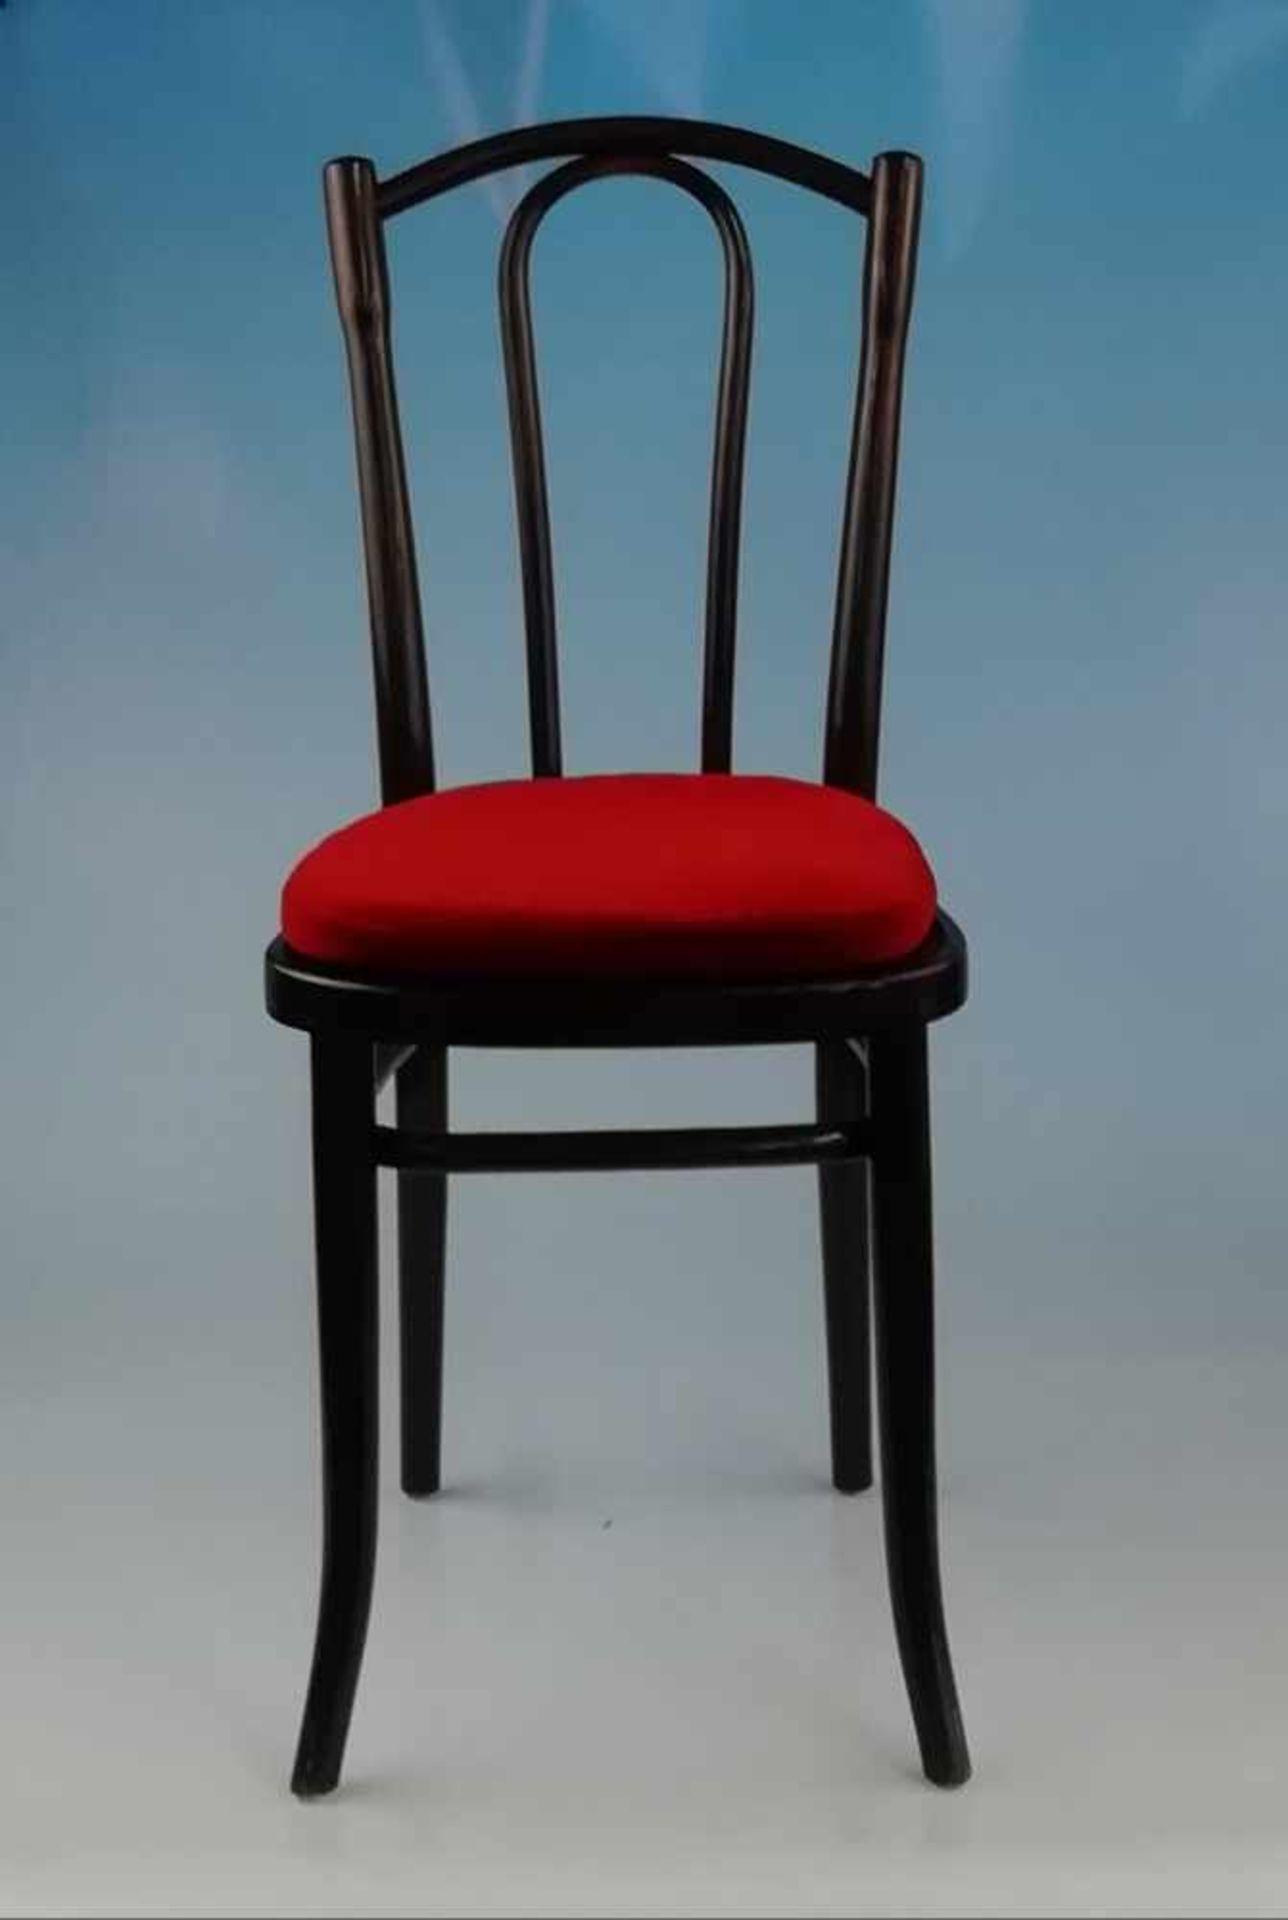 Los 25 - 4 Thonet-Sessel Nr.56, um 1900Buchenbugholz, dunkelbraun mattiert, Sitzprägung, sehr schöner